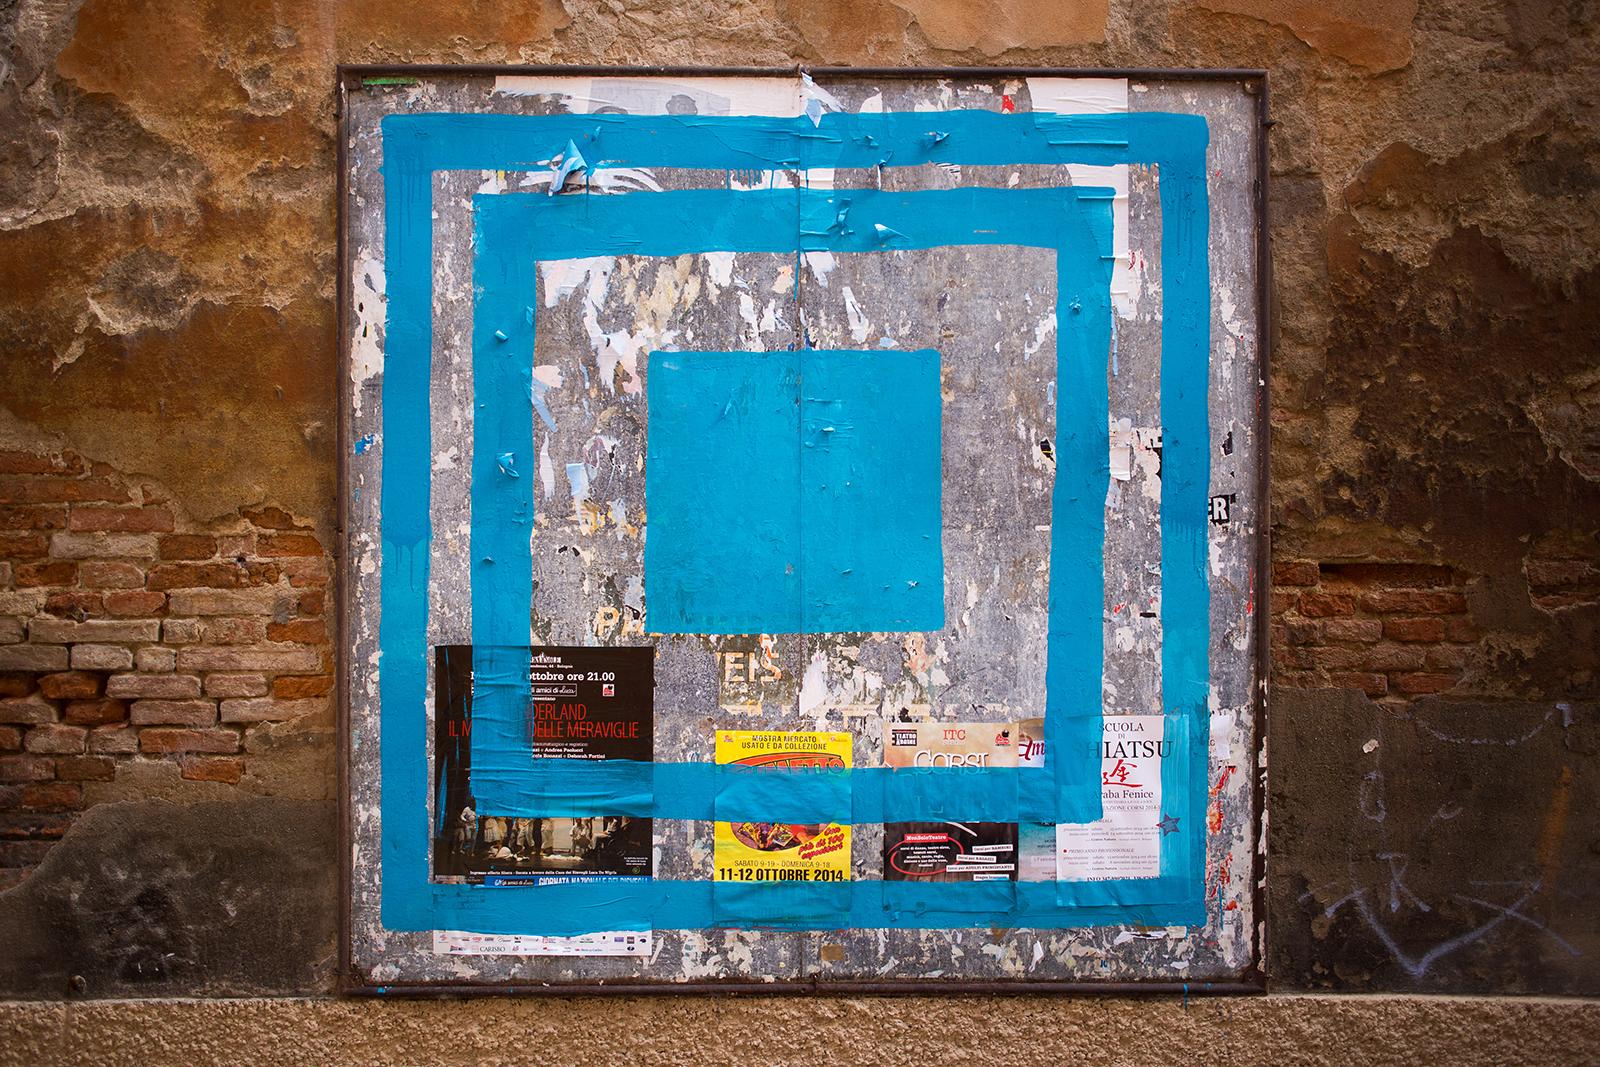 alberonero-new-murals-in-bologna-04